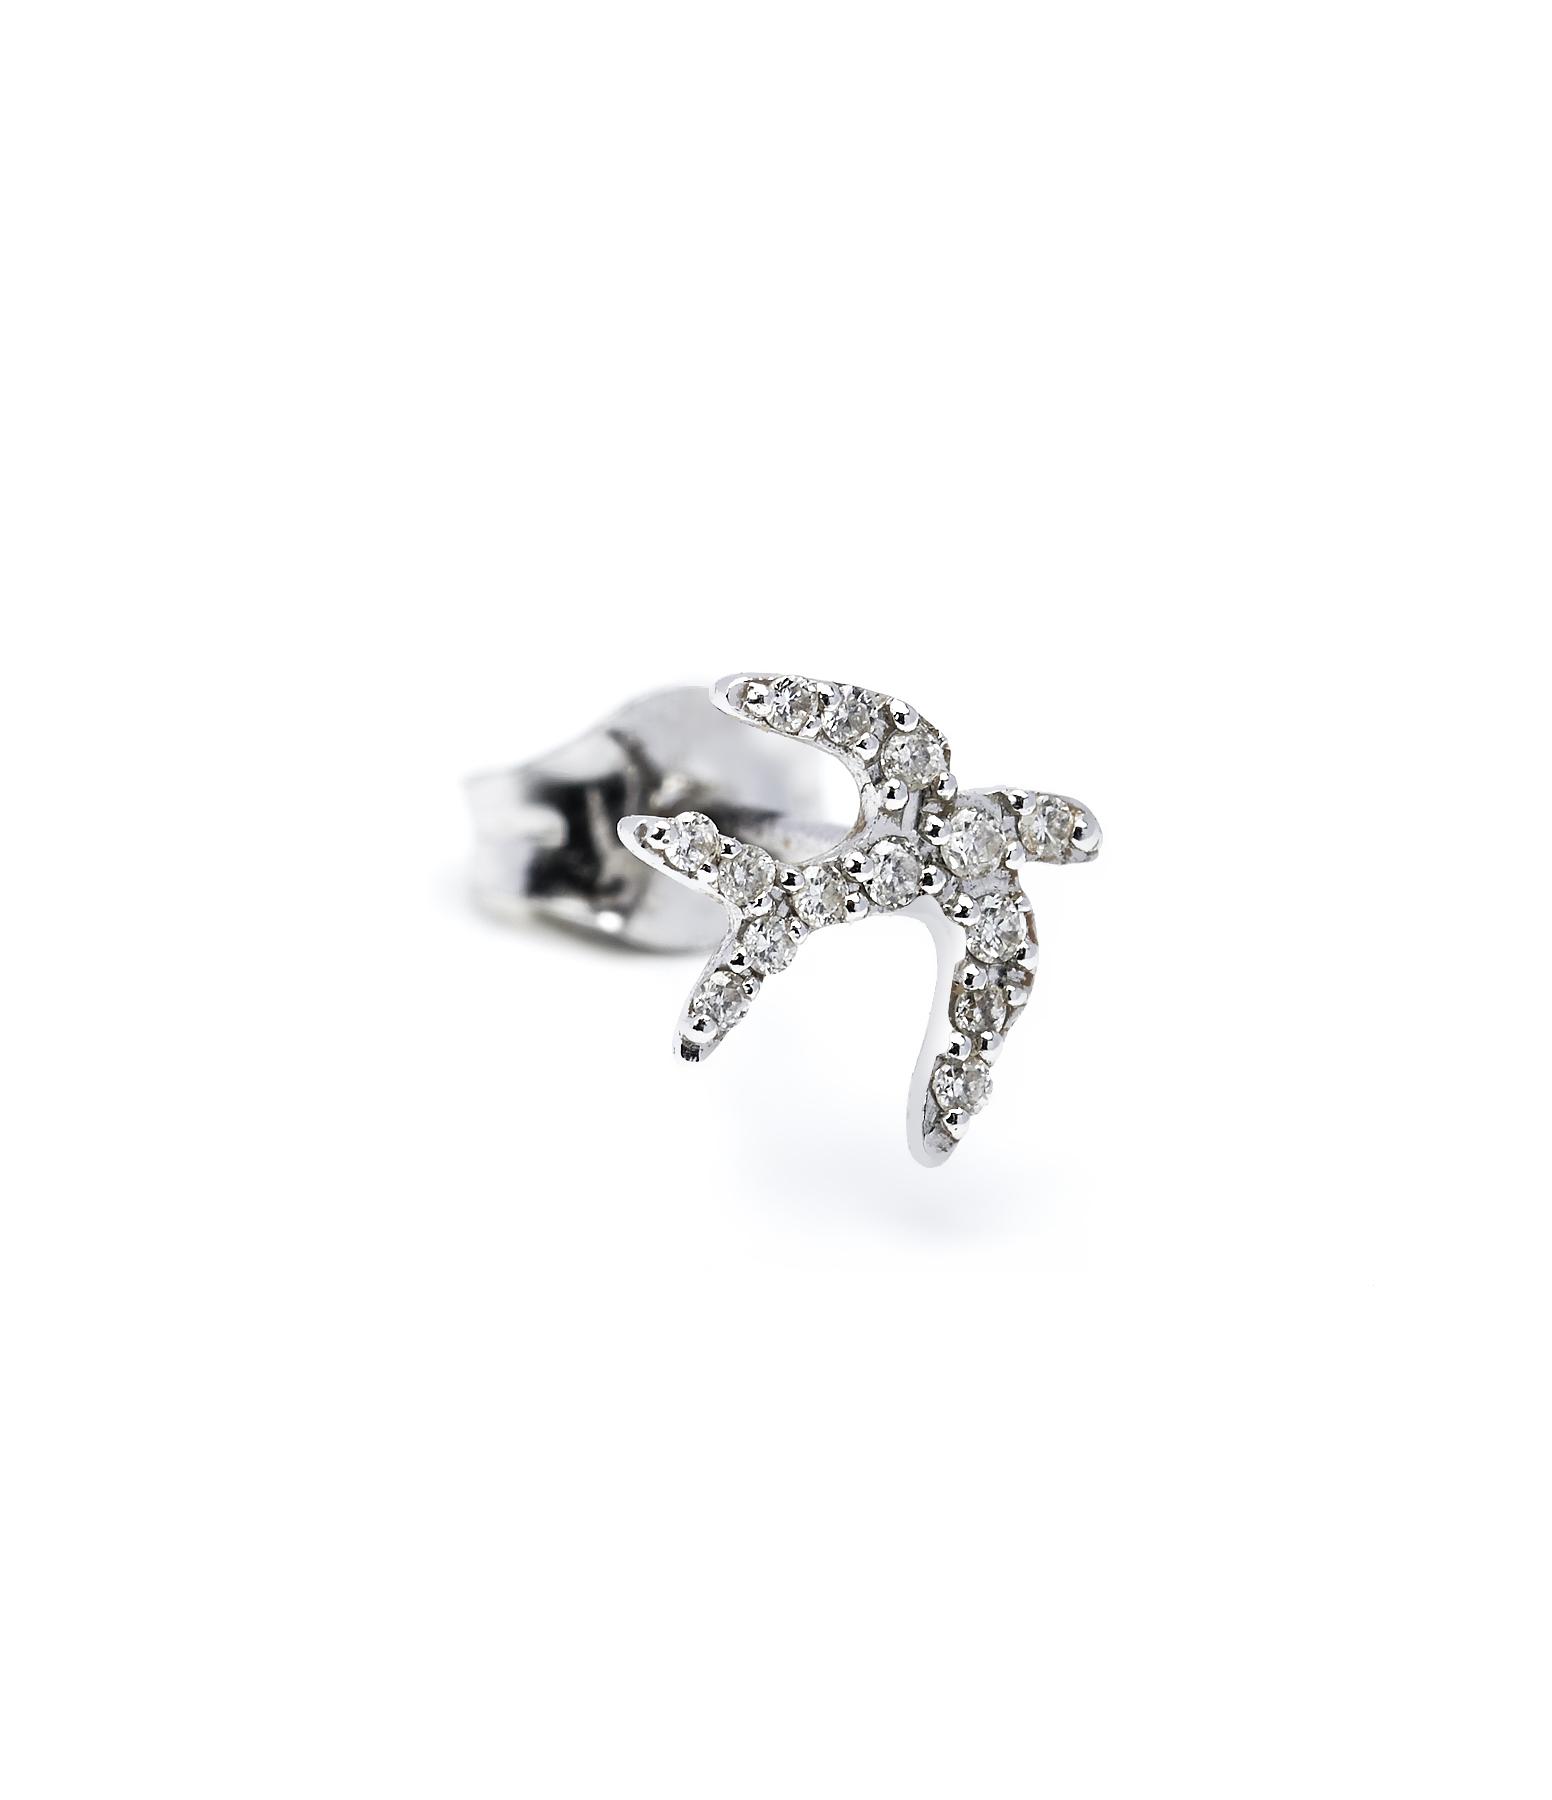 Boucle d'oreille Three Birds Diamants 18K (vendue à l'unité)